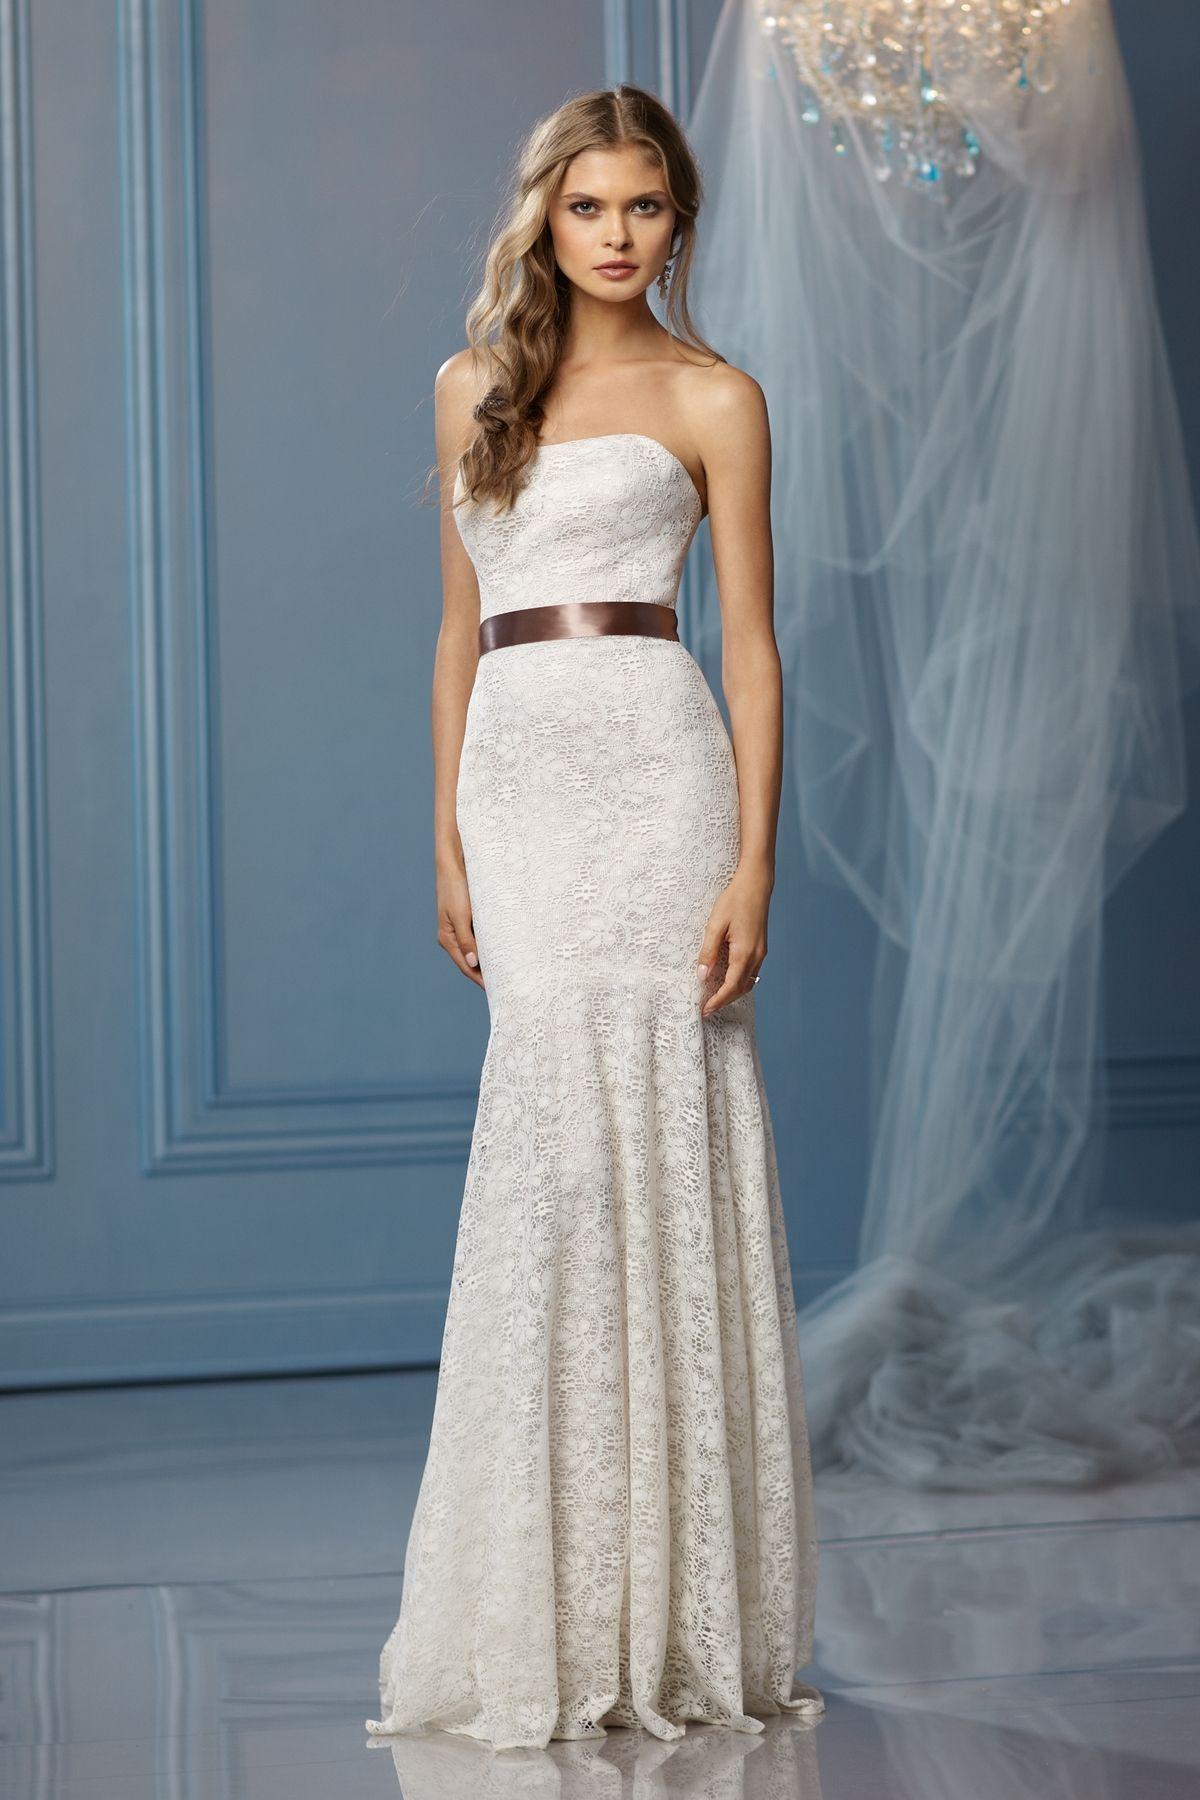 Awesome Wedding Dresses Under 300 | Wedding